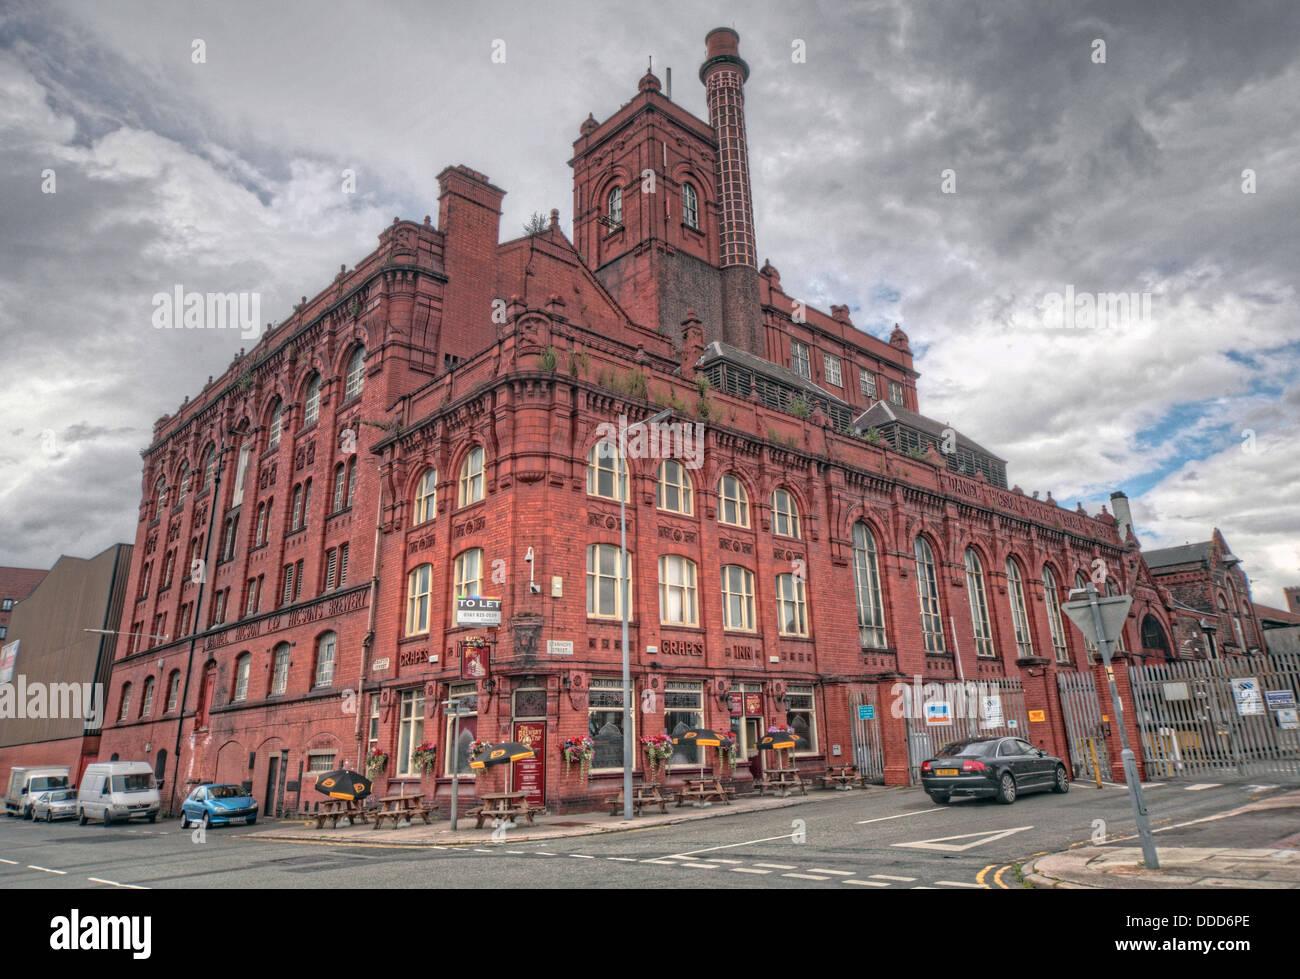 Laden Sie dieses Alamy Stockfoto Die alte Higson Brauerei, Liverpool - DDD6PE